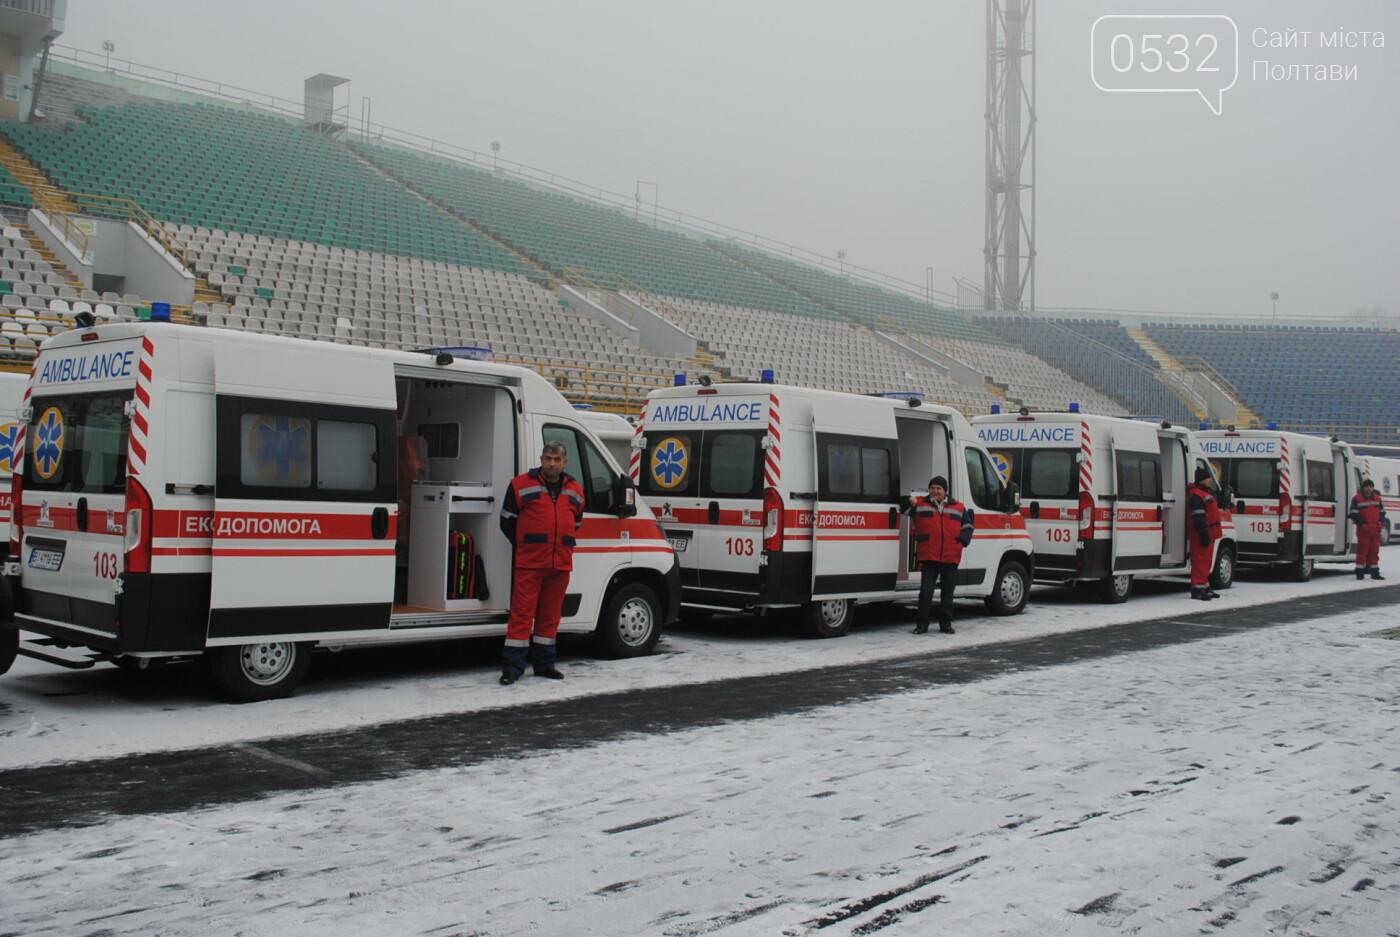 До Полтавського автопарку екстреної медичної допомоги надійшло 103 нових автомобіля, фото-4